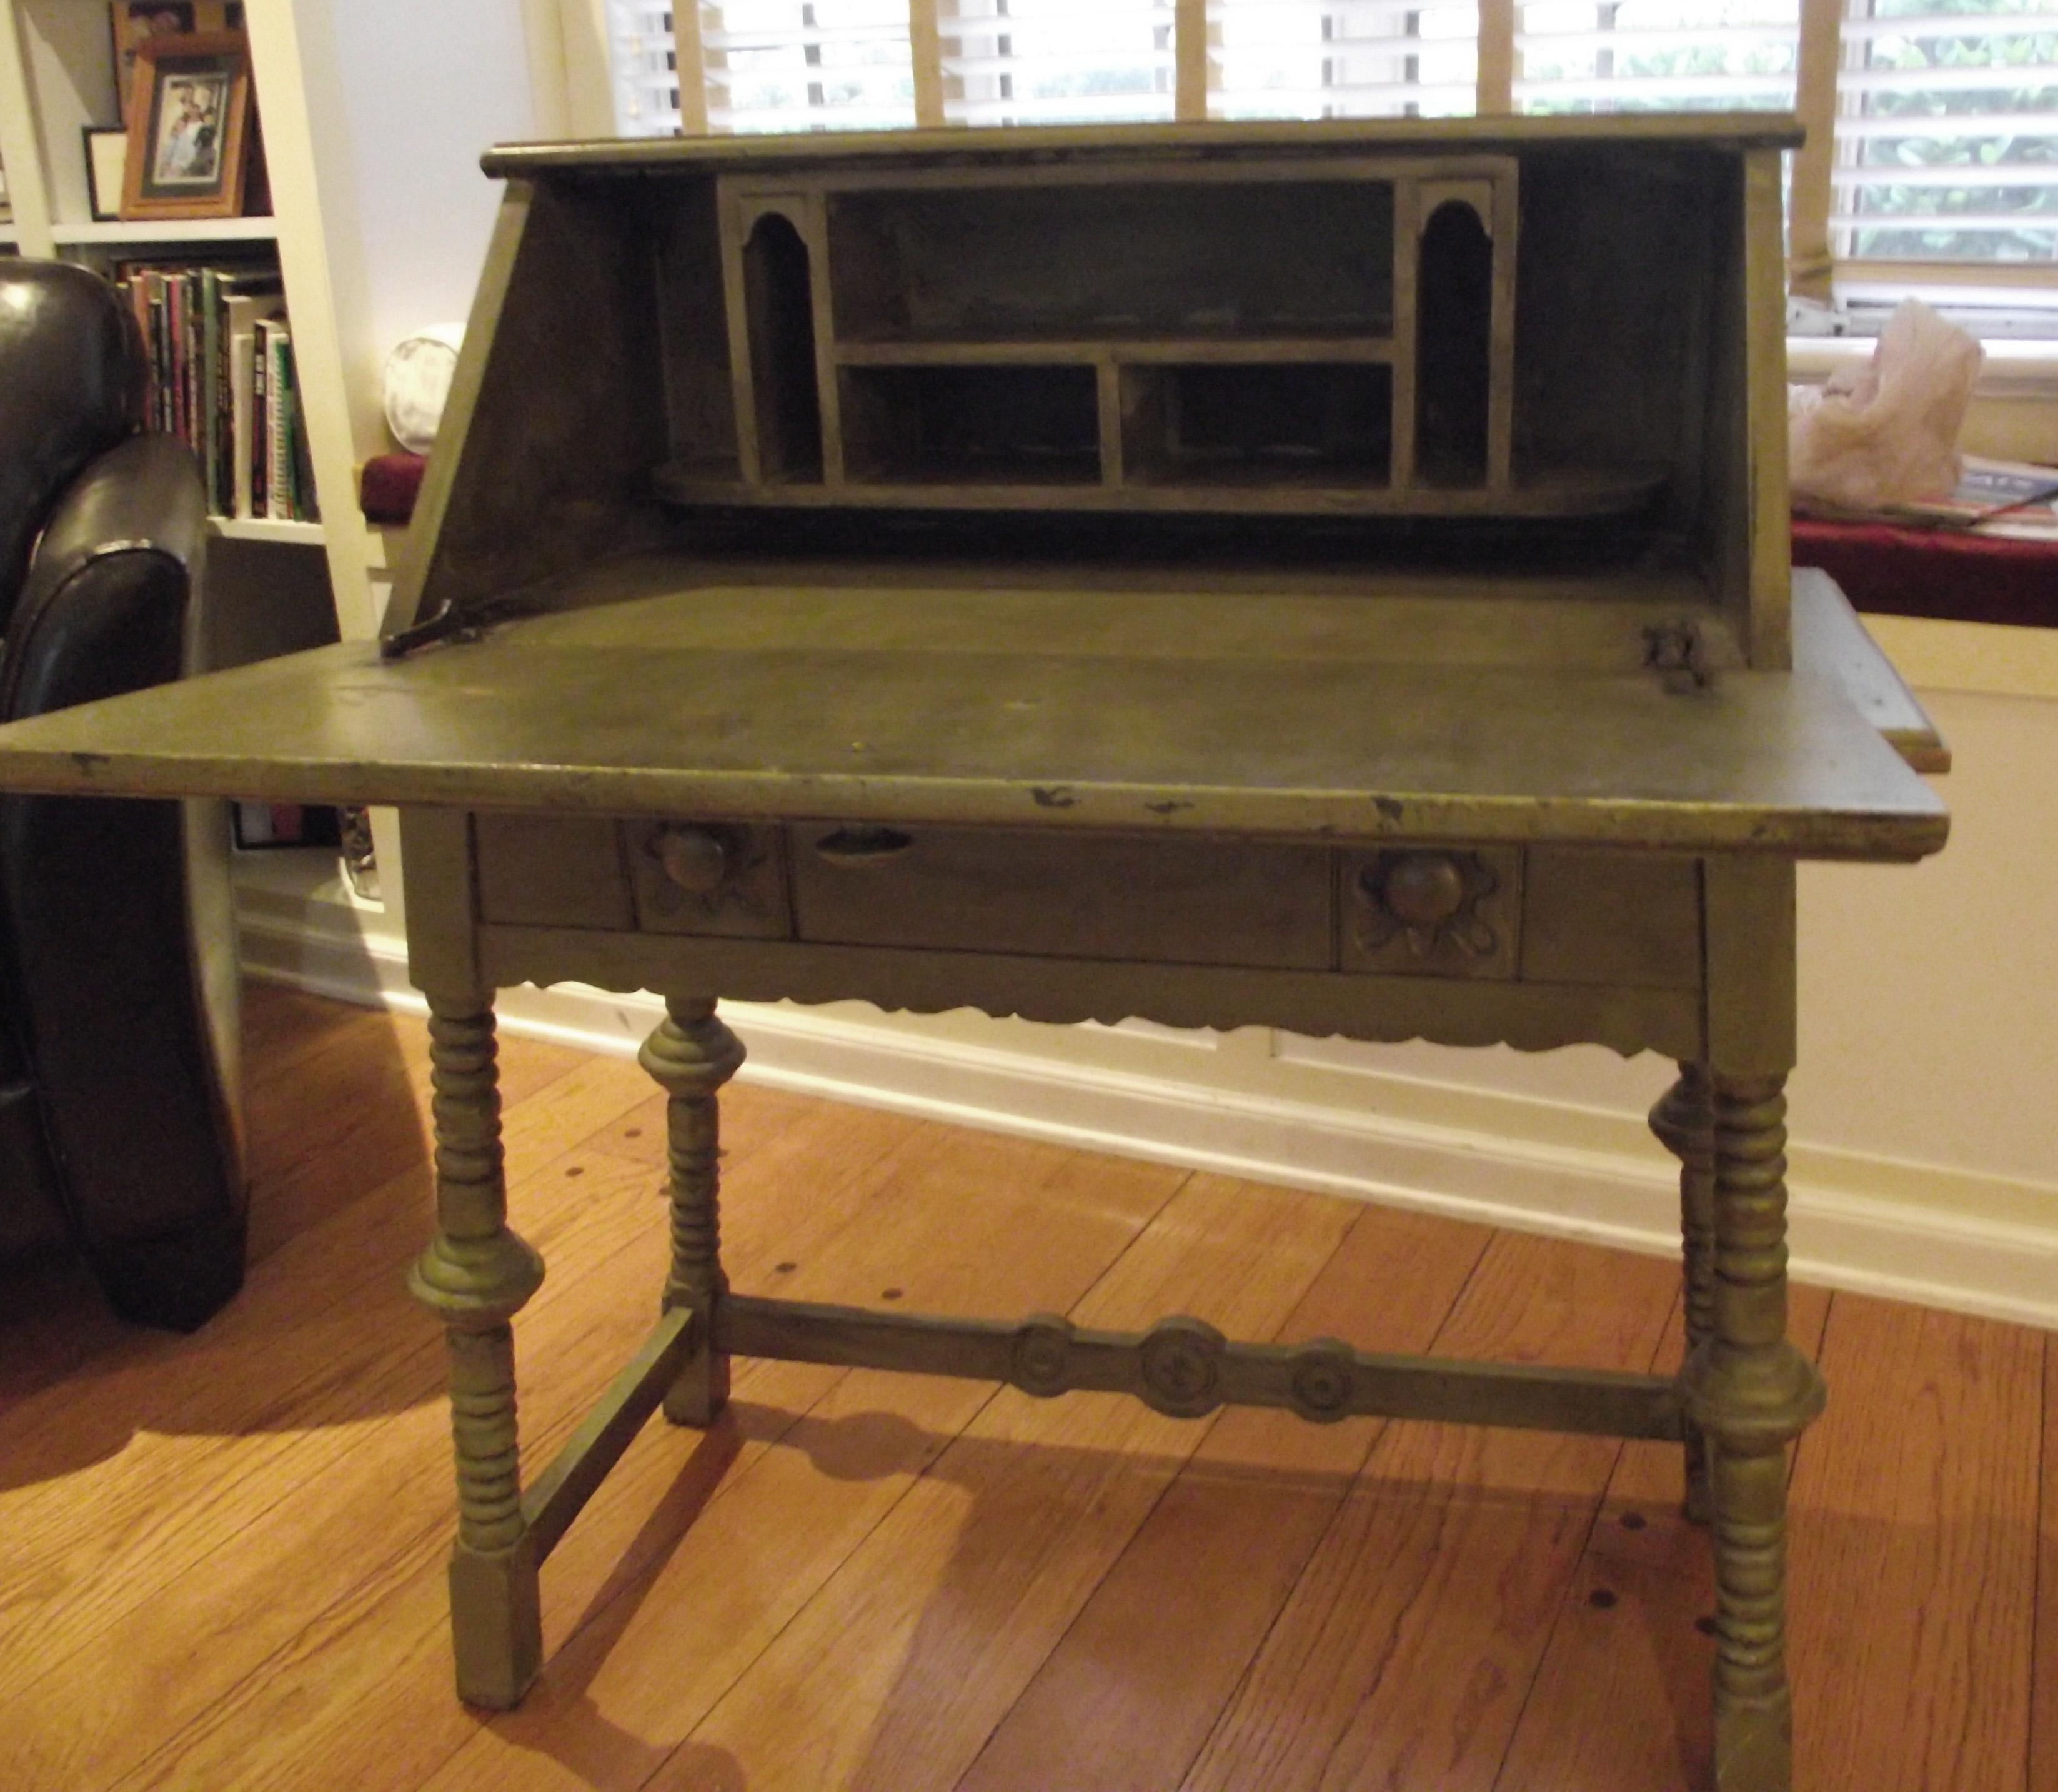 PDF DIY Secretary puter Desk Plans Download sewing desk